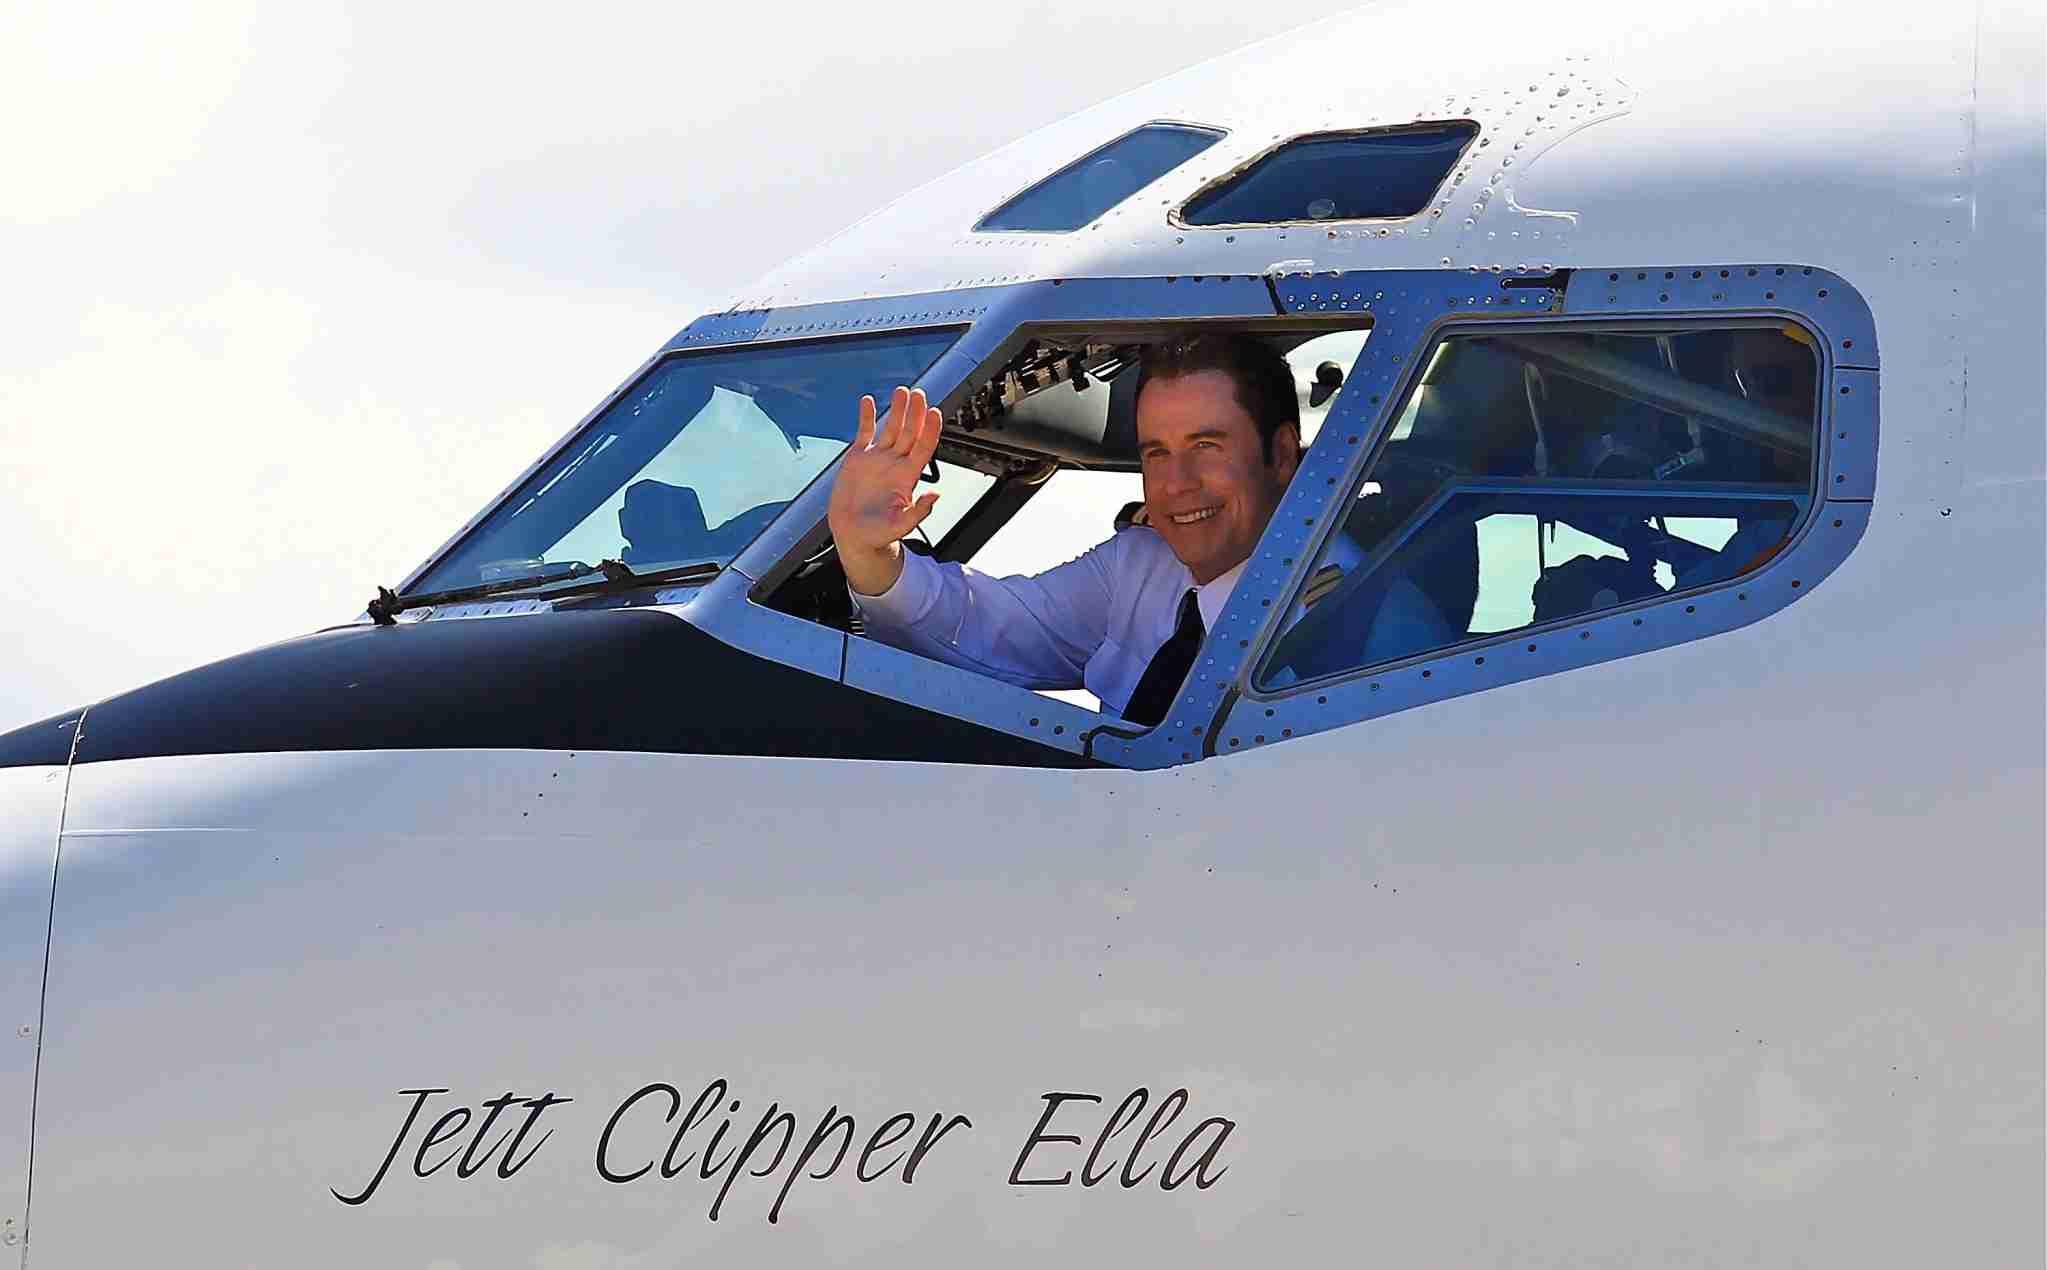 BRISBANE, AUSTRALIA - NOVEMBER 7: Qantas Ambassador John Travolta arrives in his V-Jet 707 at Qantas